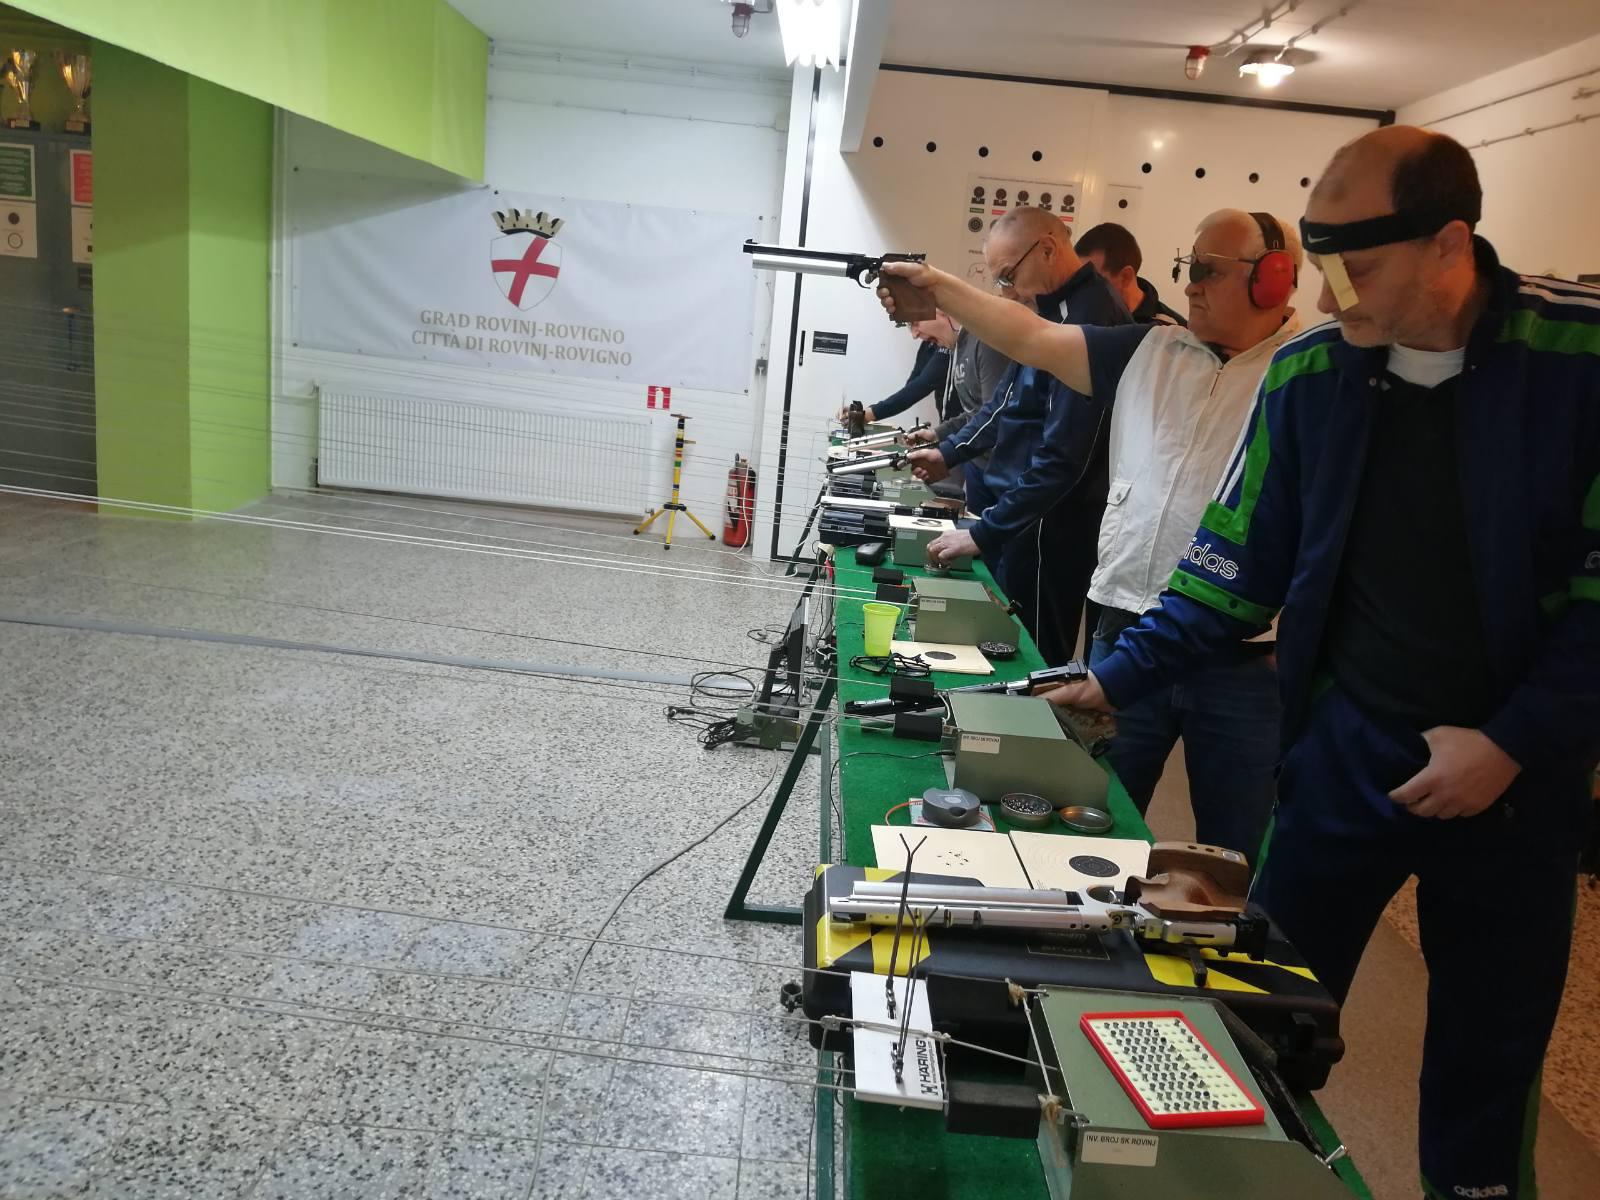 4.kolo 1.B Hrvatske Lige u Rovinju-Rovigno 19.02.2020